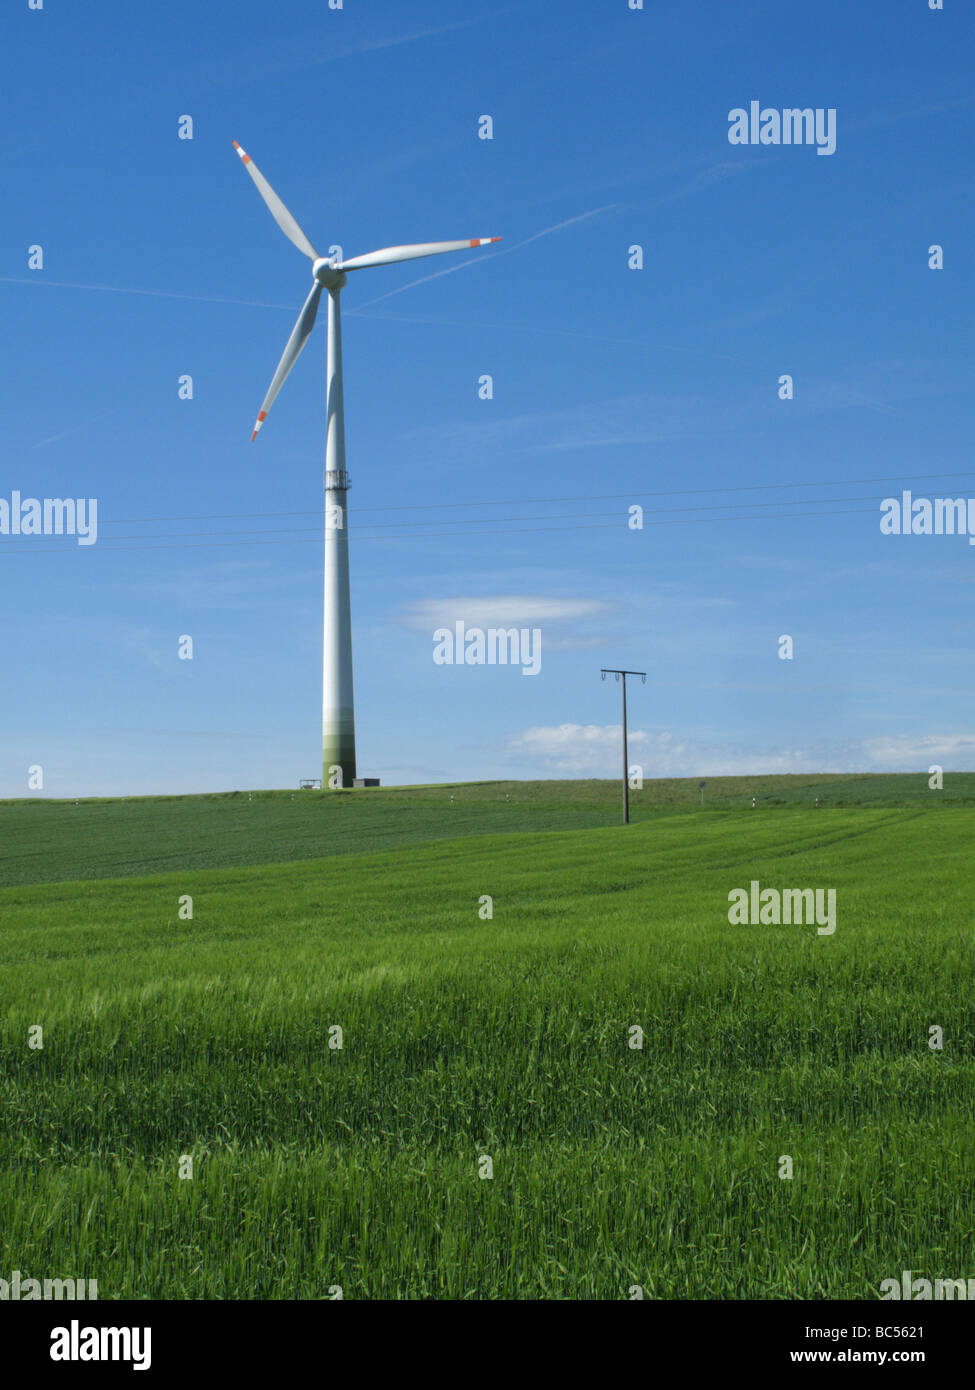 La turbina eólica y un campo verde en Baviera, Alemania Imagen De Stock